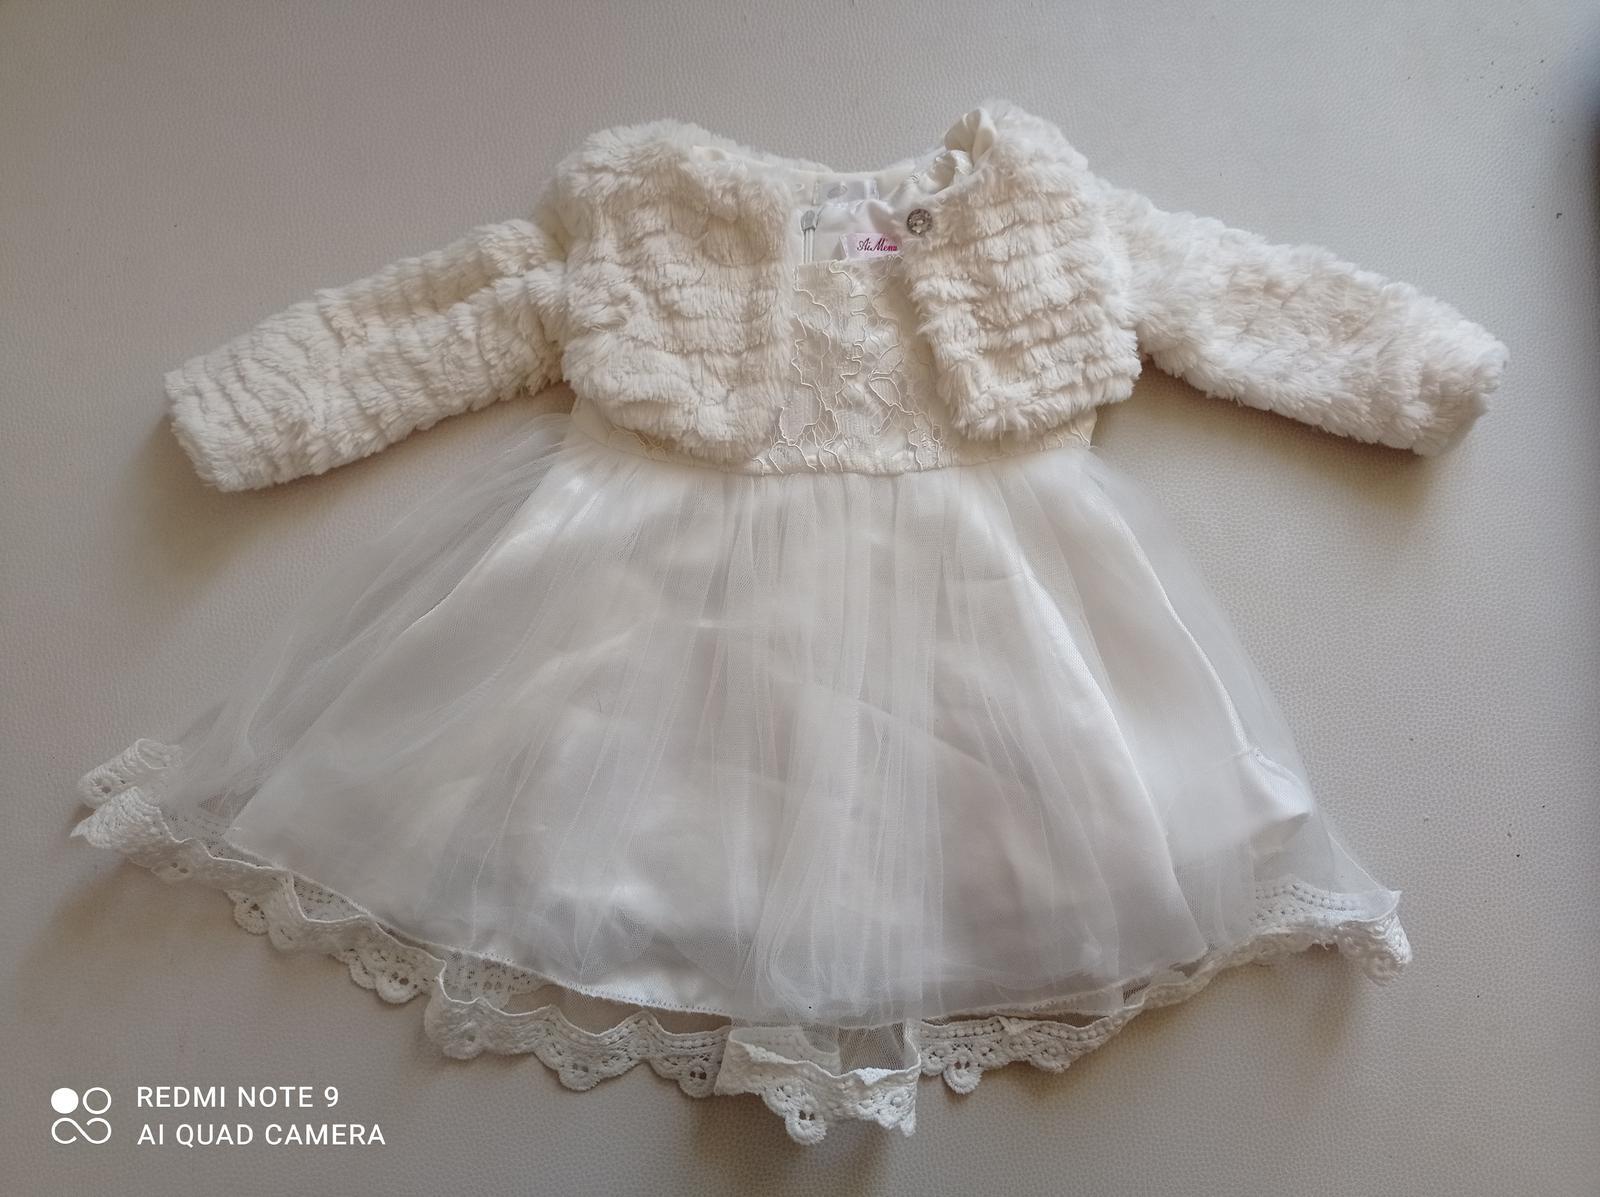 Překrásné sváteční šatečky - Obrázek č. 1